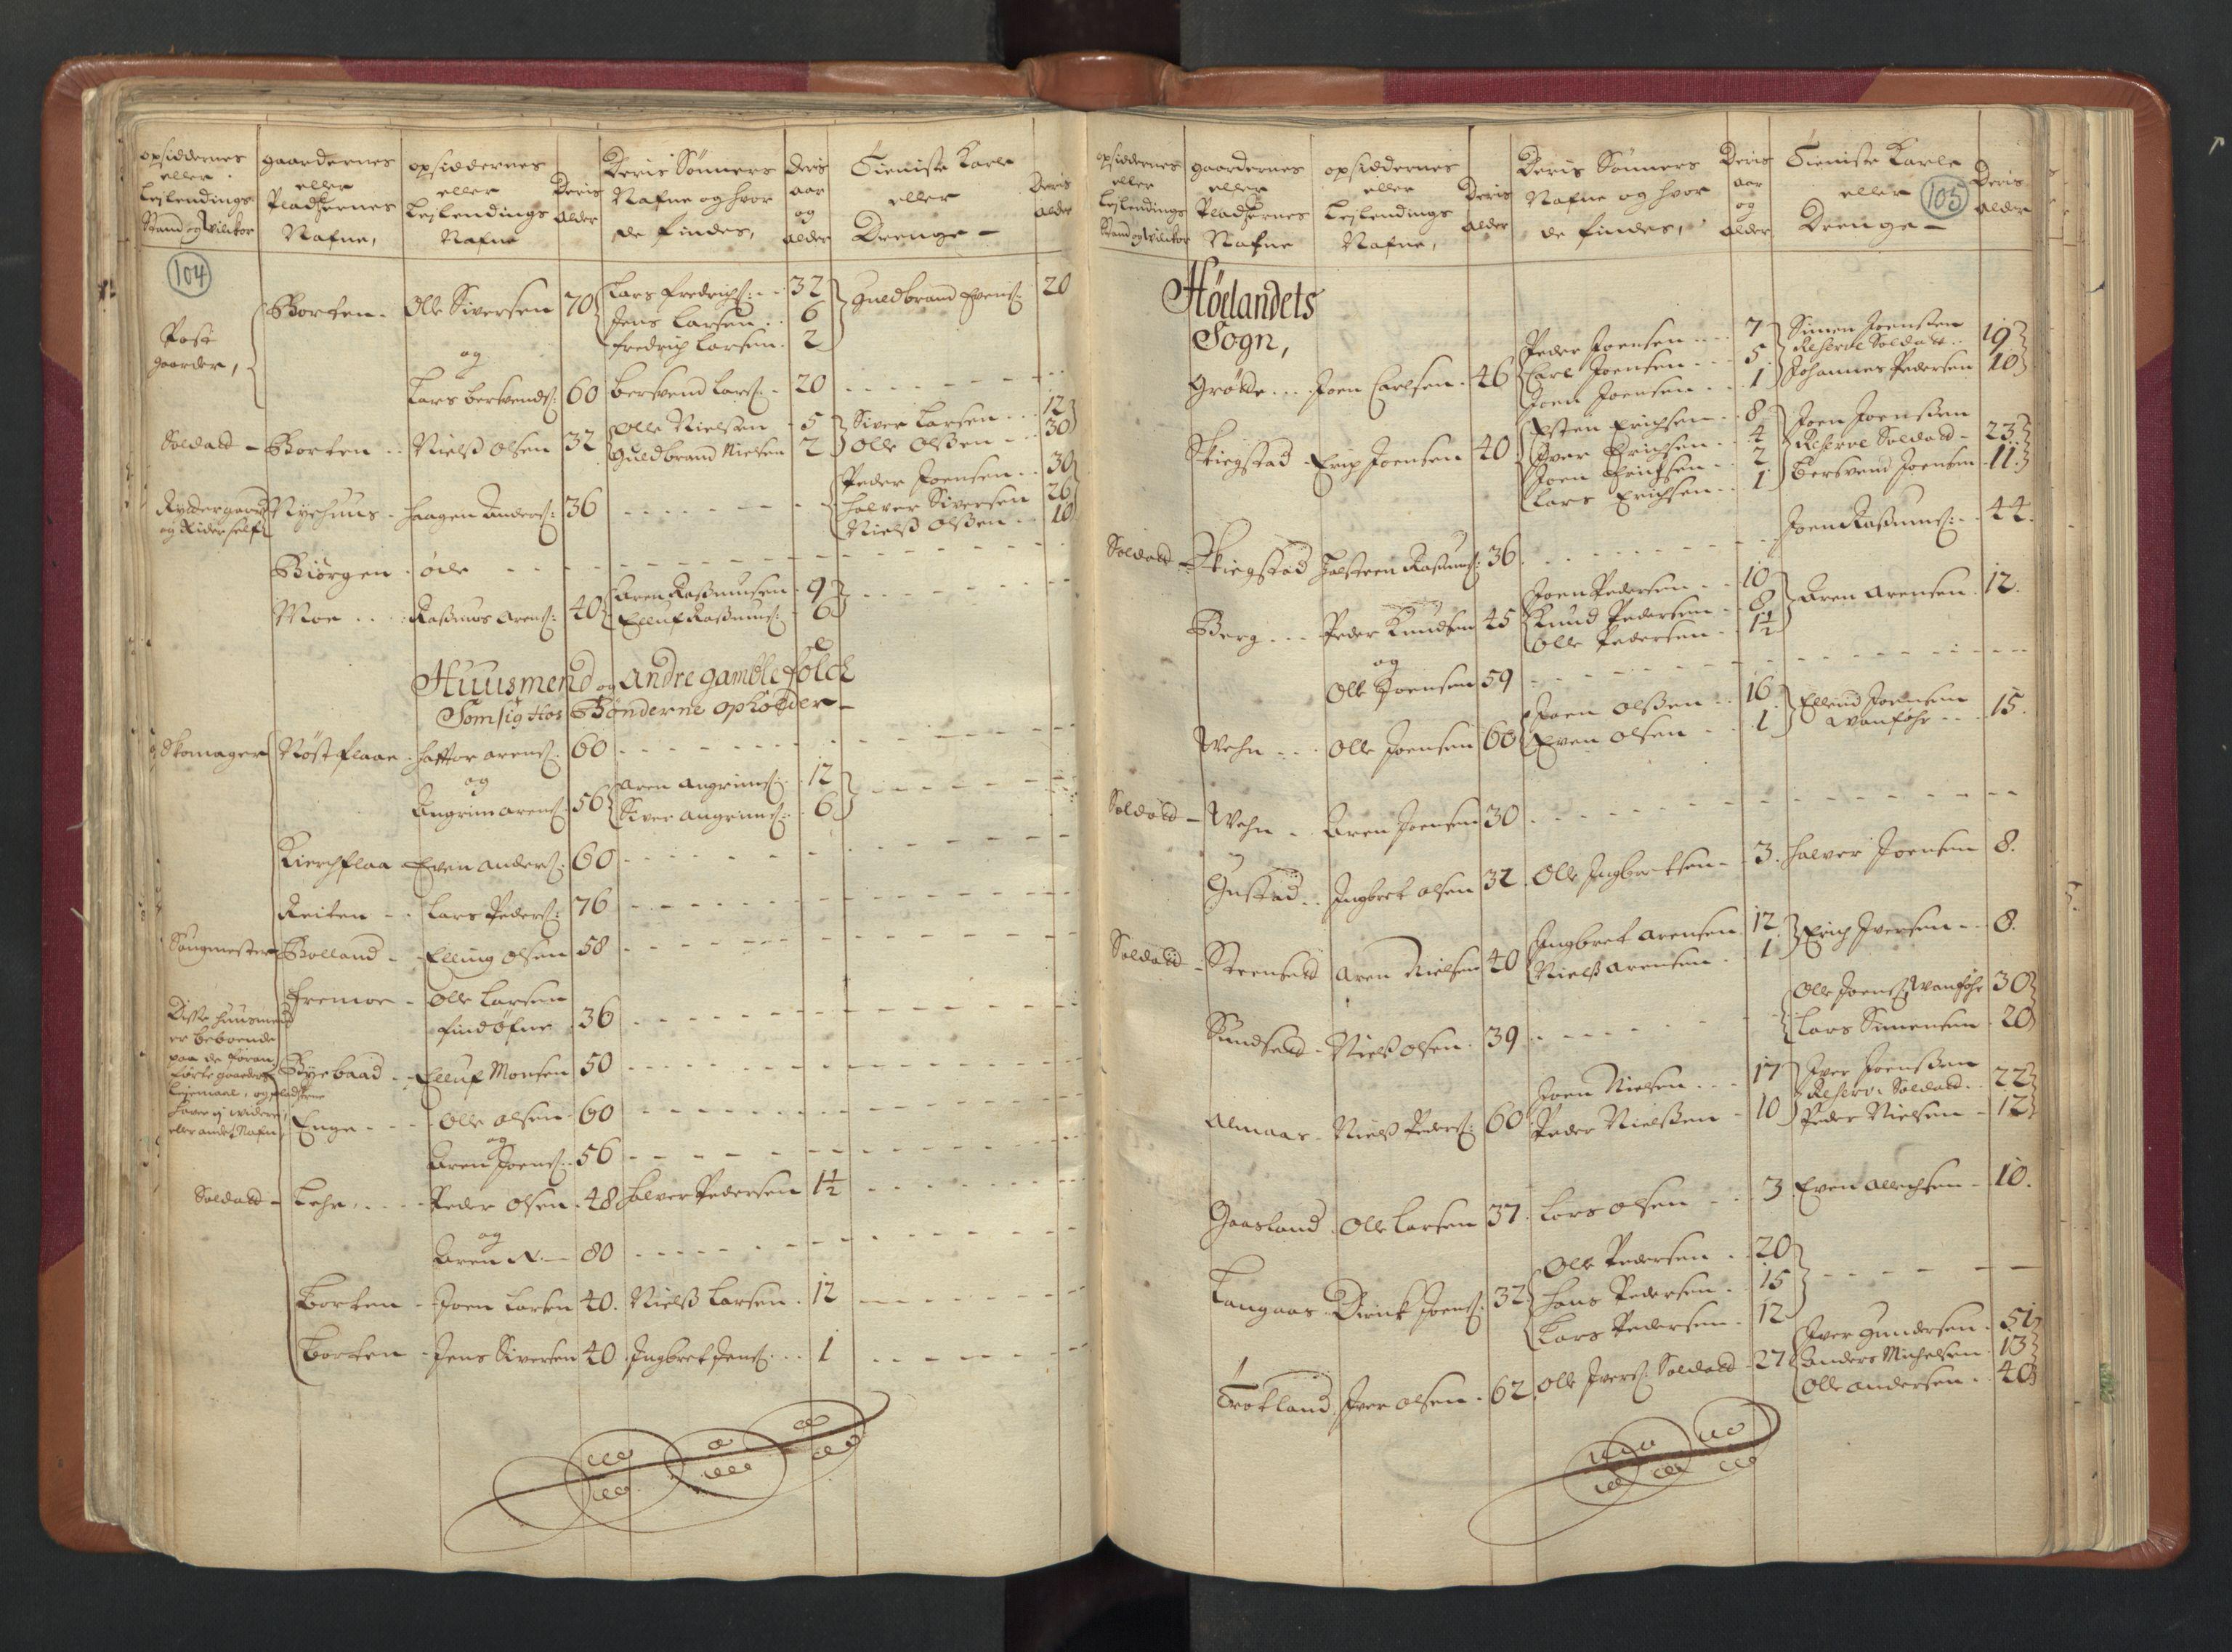 RA, Manntallet 1701, nr. 13: Orkdal fogderi og Gauldal fogderi med Røros kobberverk, 1701, s. 104-105